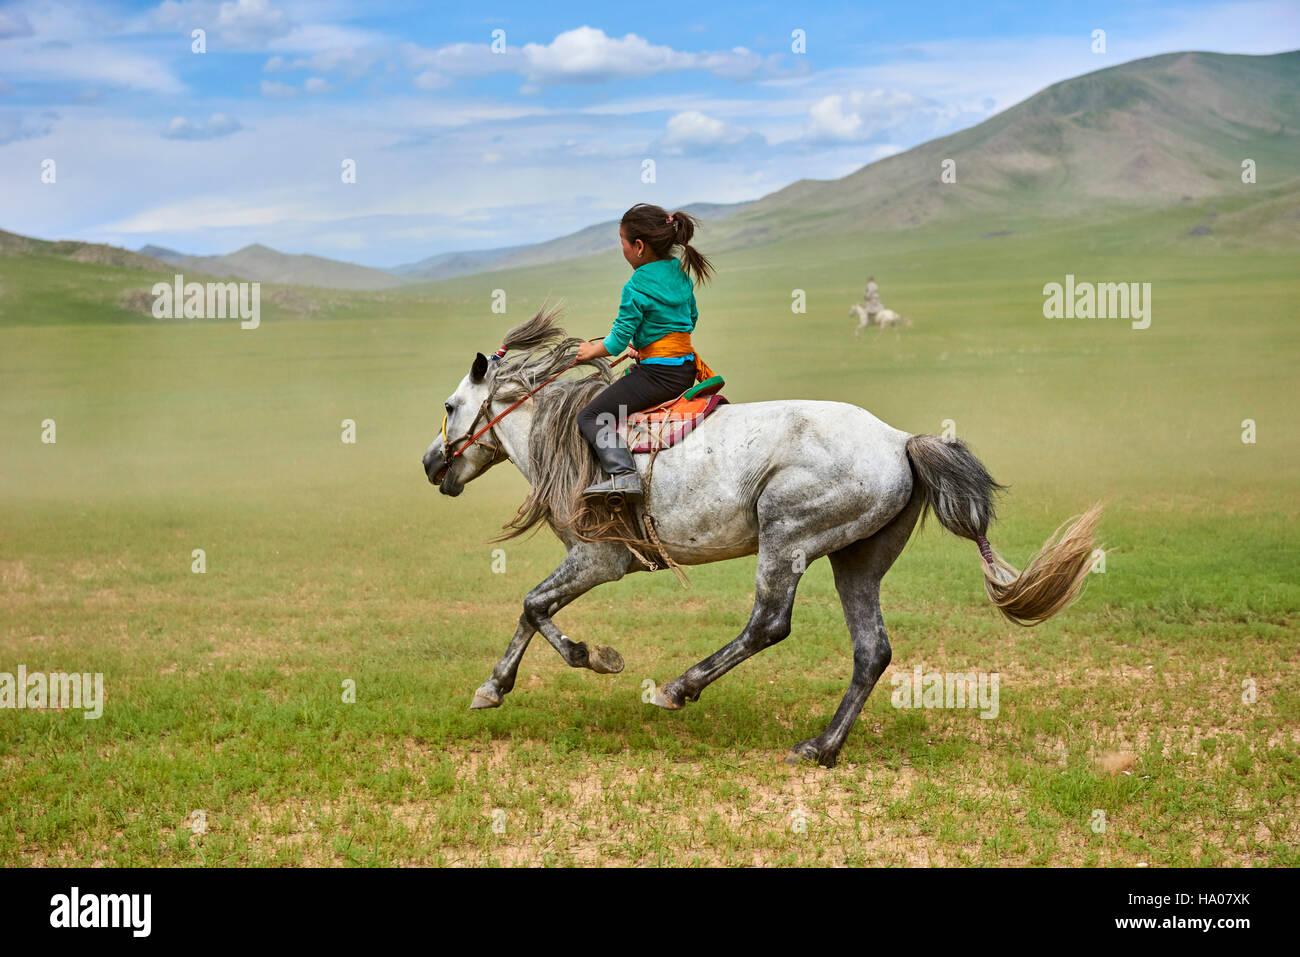 Mongolia, Bayankhongor provincia, Naadam, festival tradizionale, corse di cavalli Immagini Stock